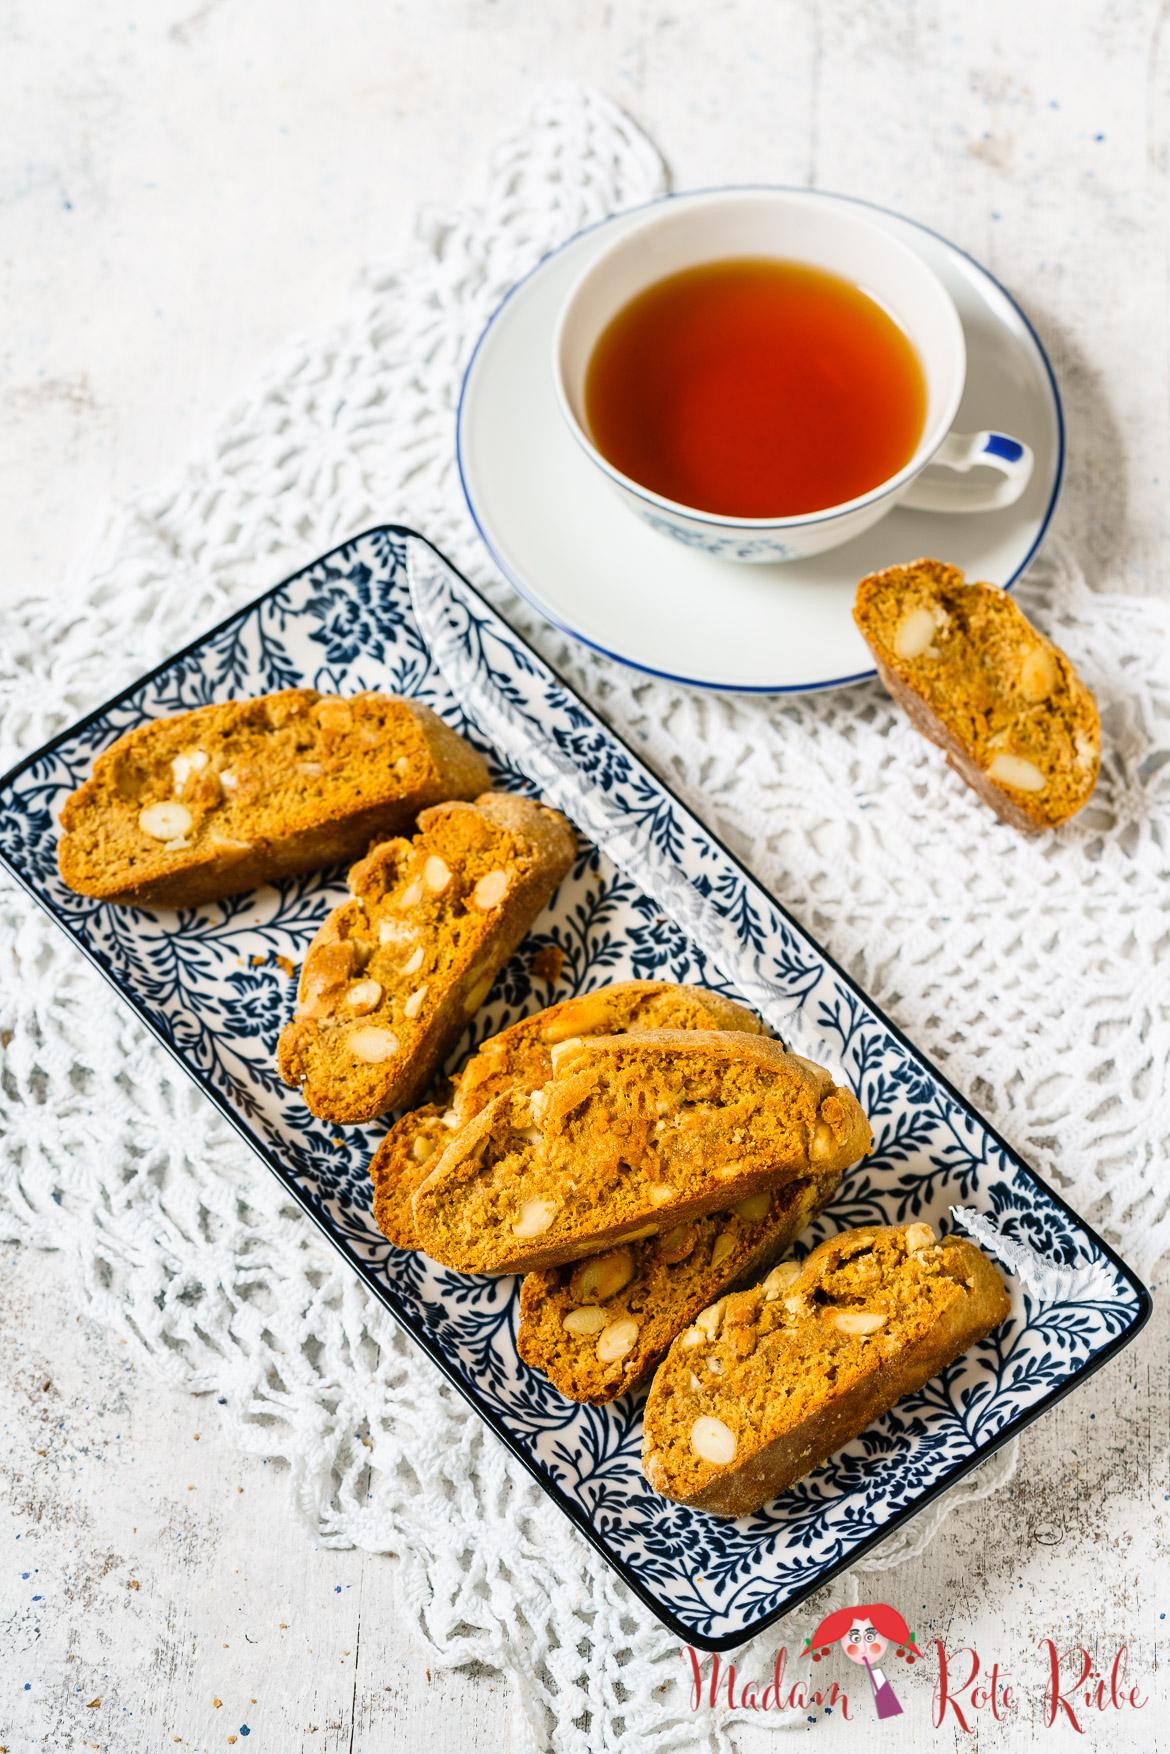 Madam Rote Rübe - Mandel-Dinkelvollkorn-Cantucci mit weißer Schokolade